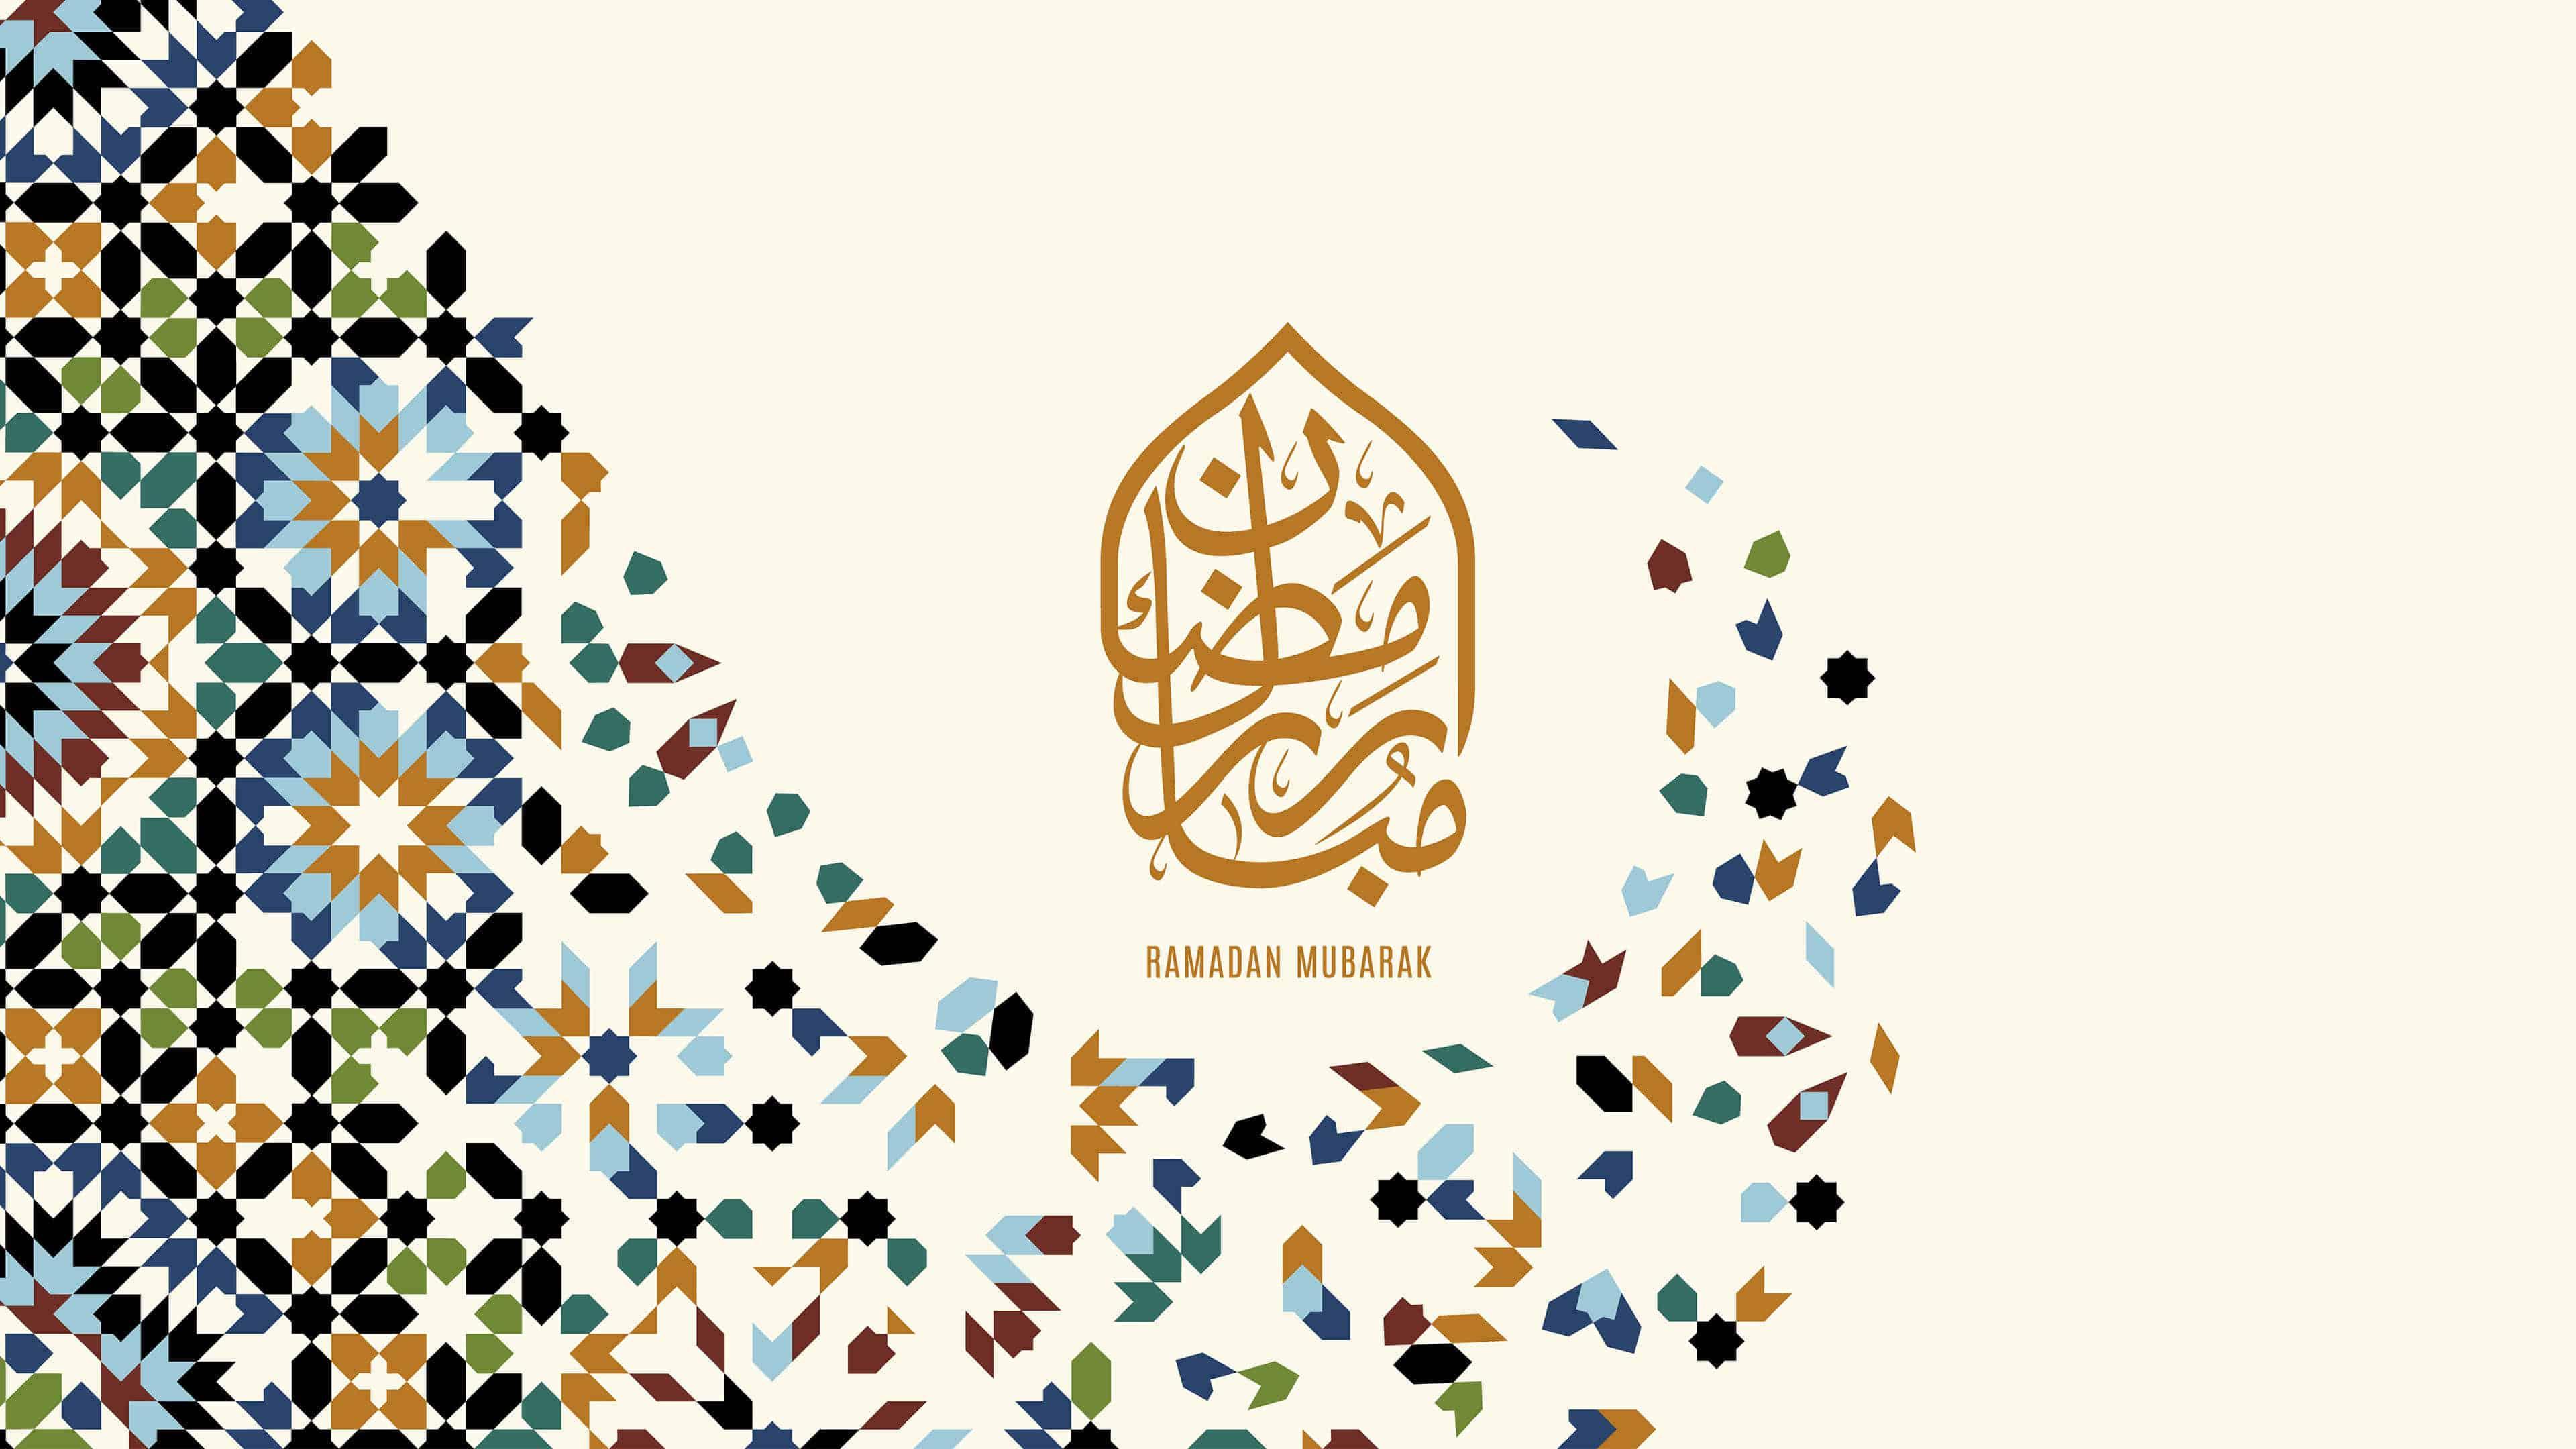 ramadan mubarak uhd 4k wallpaper